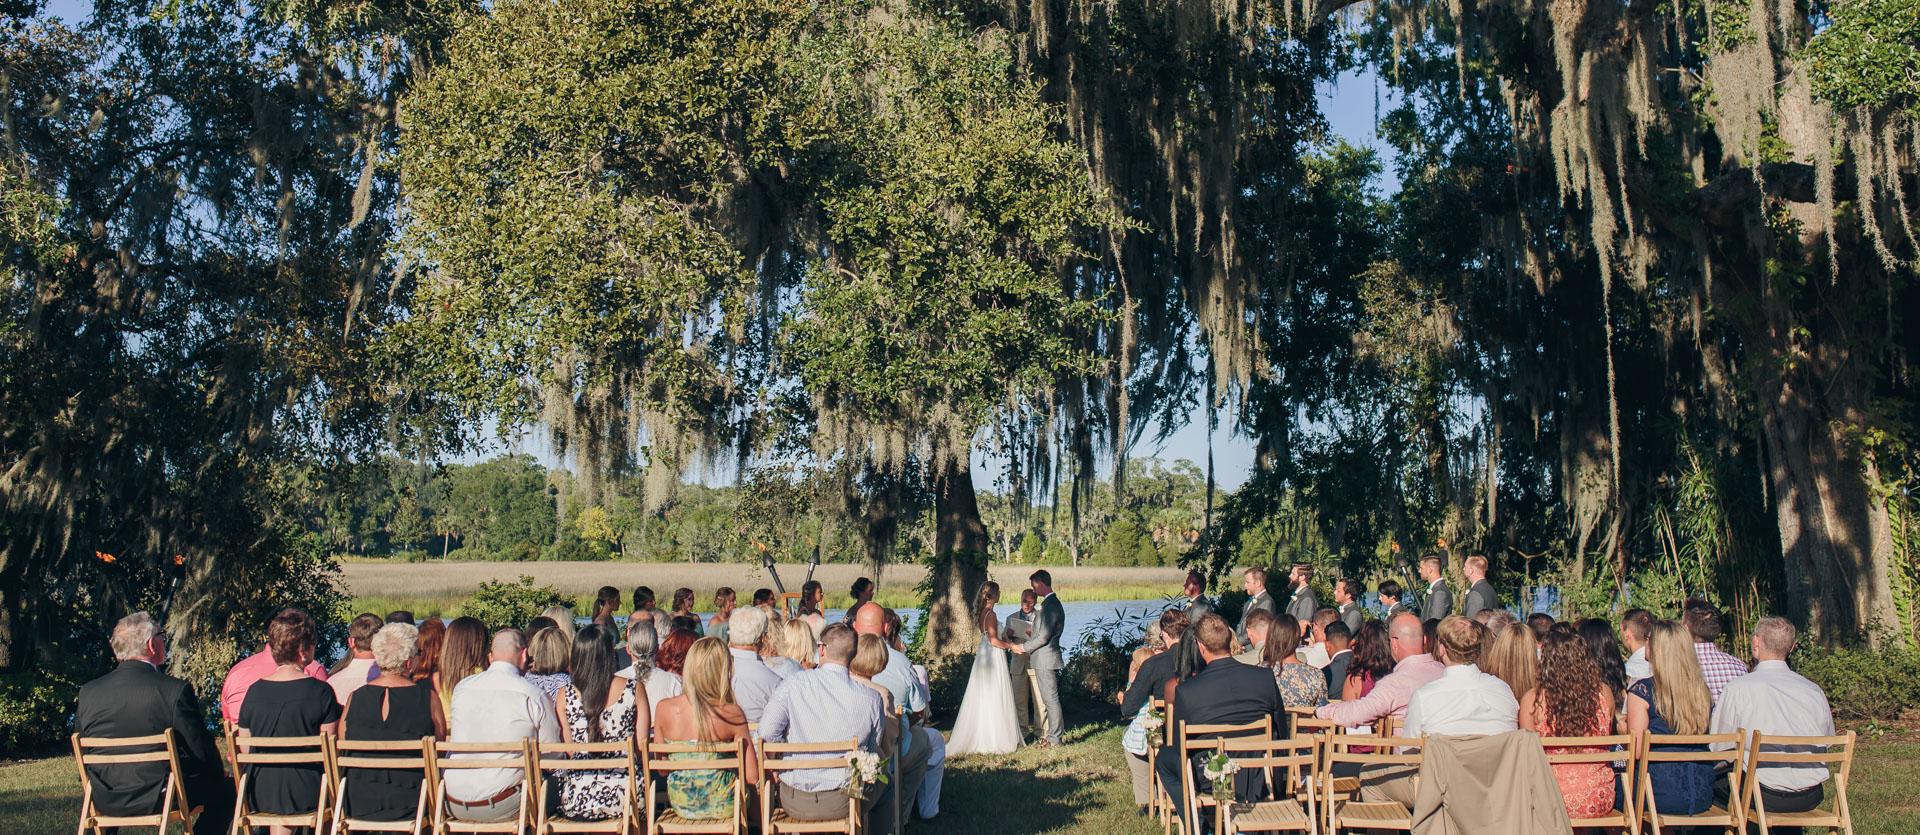 lee ceremony